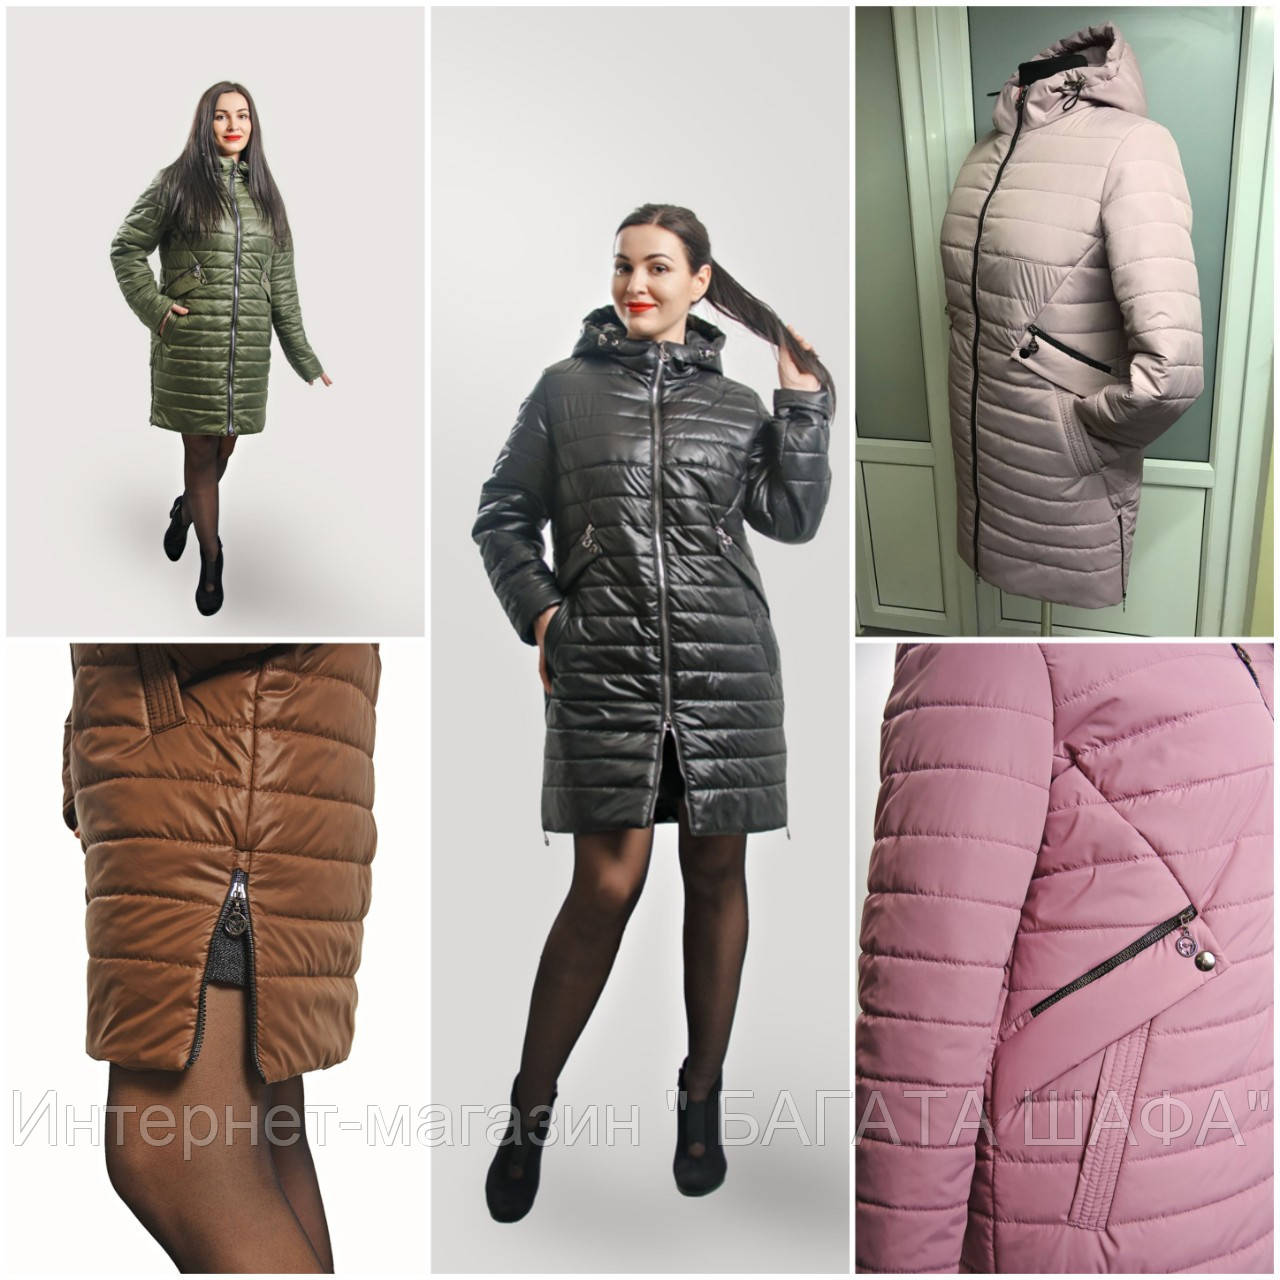 ae1ba150824 Удлиненная демисезонная куртка